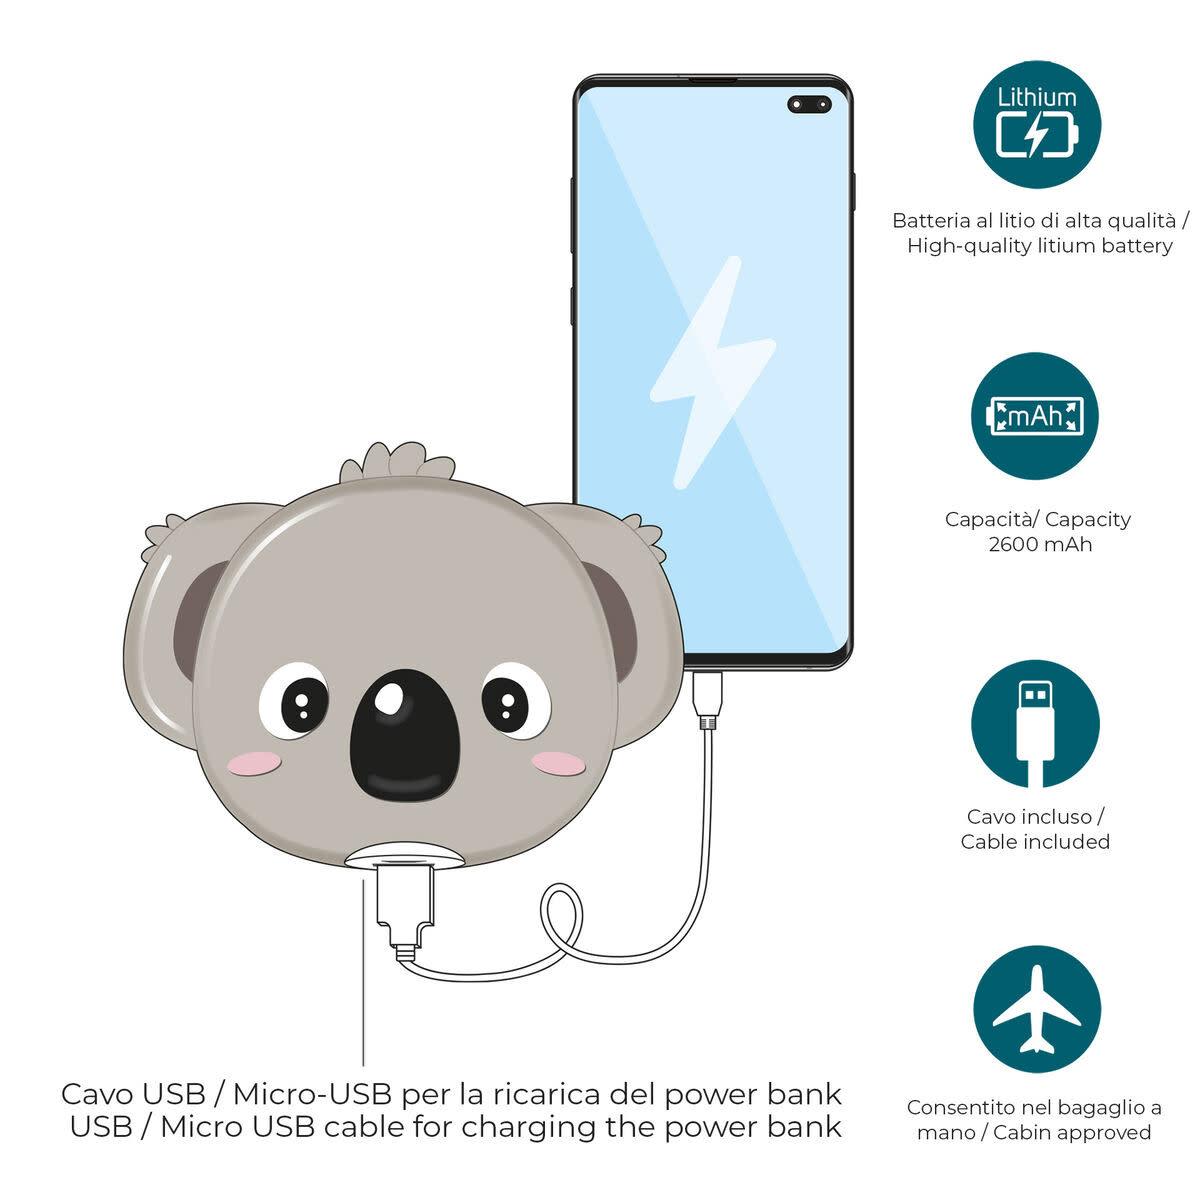 Legami My super power - extern battery - koala